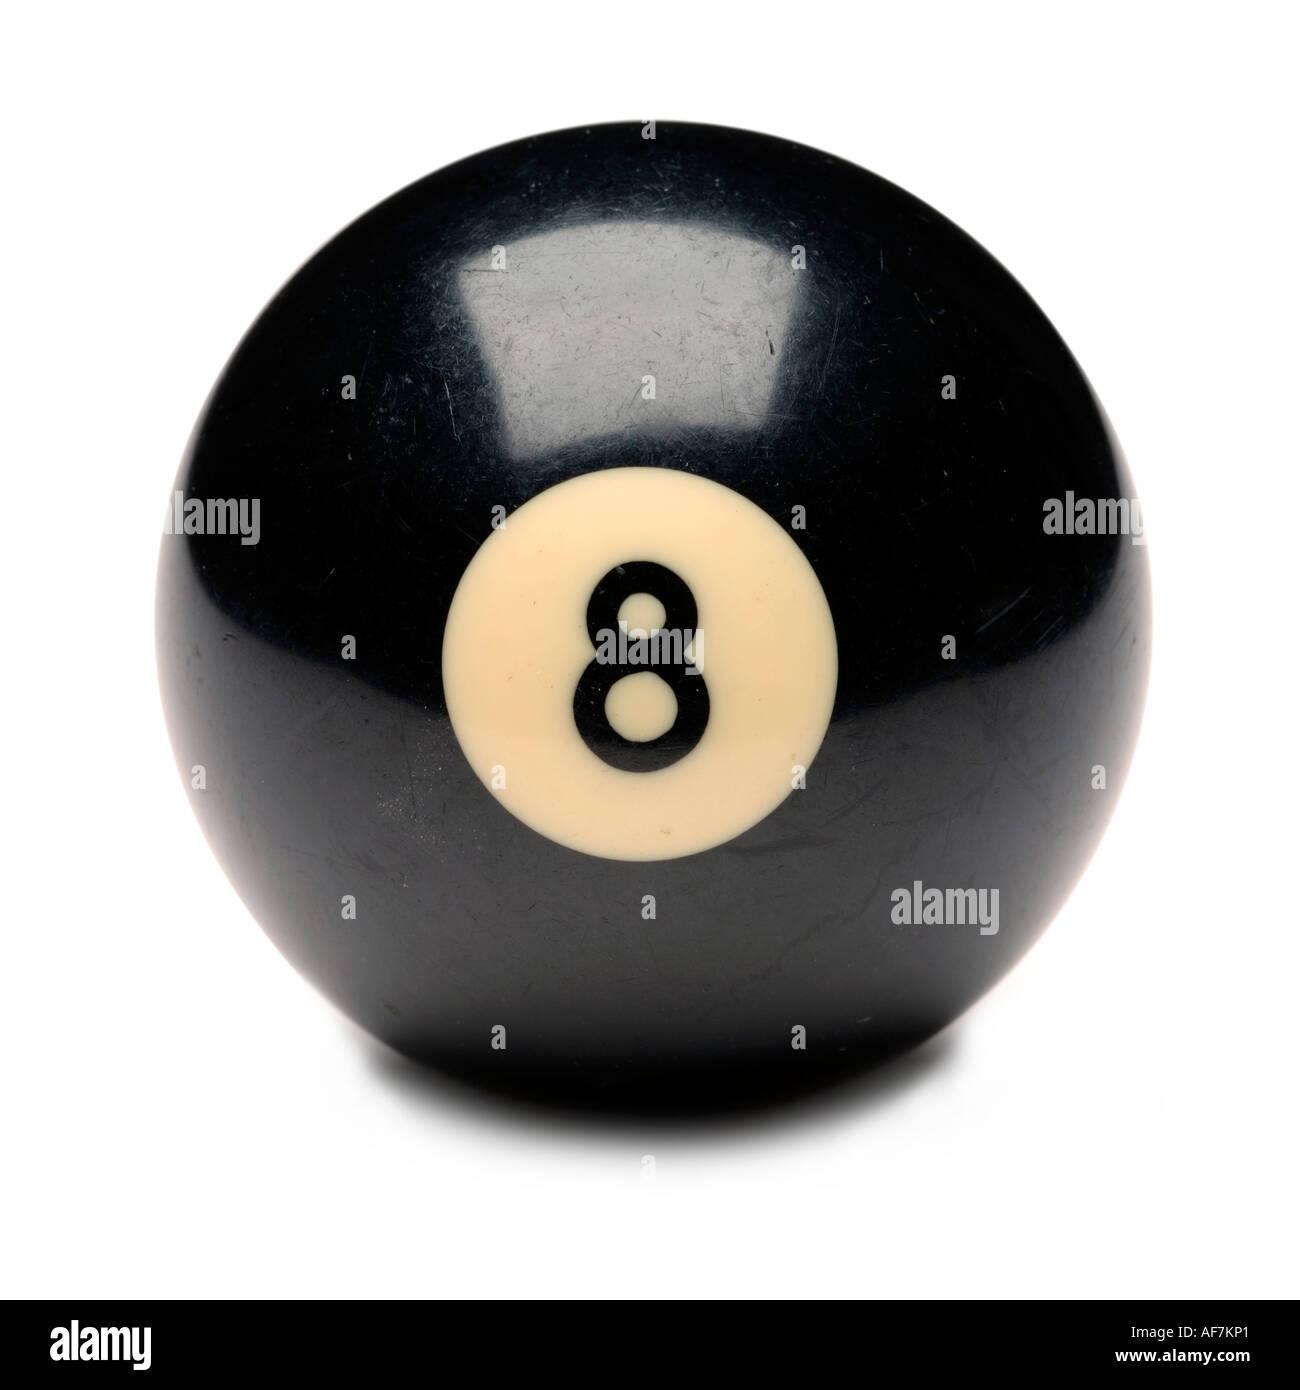 ae8d25d4b9b96 Magic 8 Ball Imágenes De Stock   Magic 8 Ball Fotos De Stock - Alamy